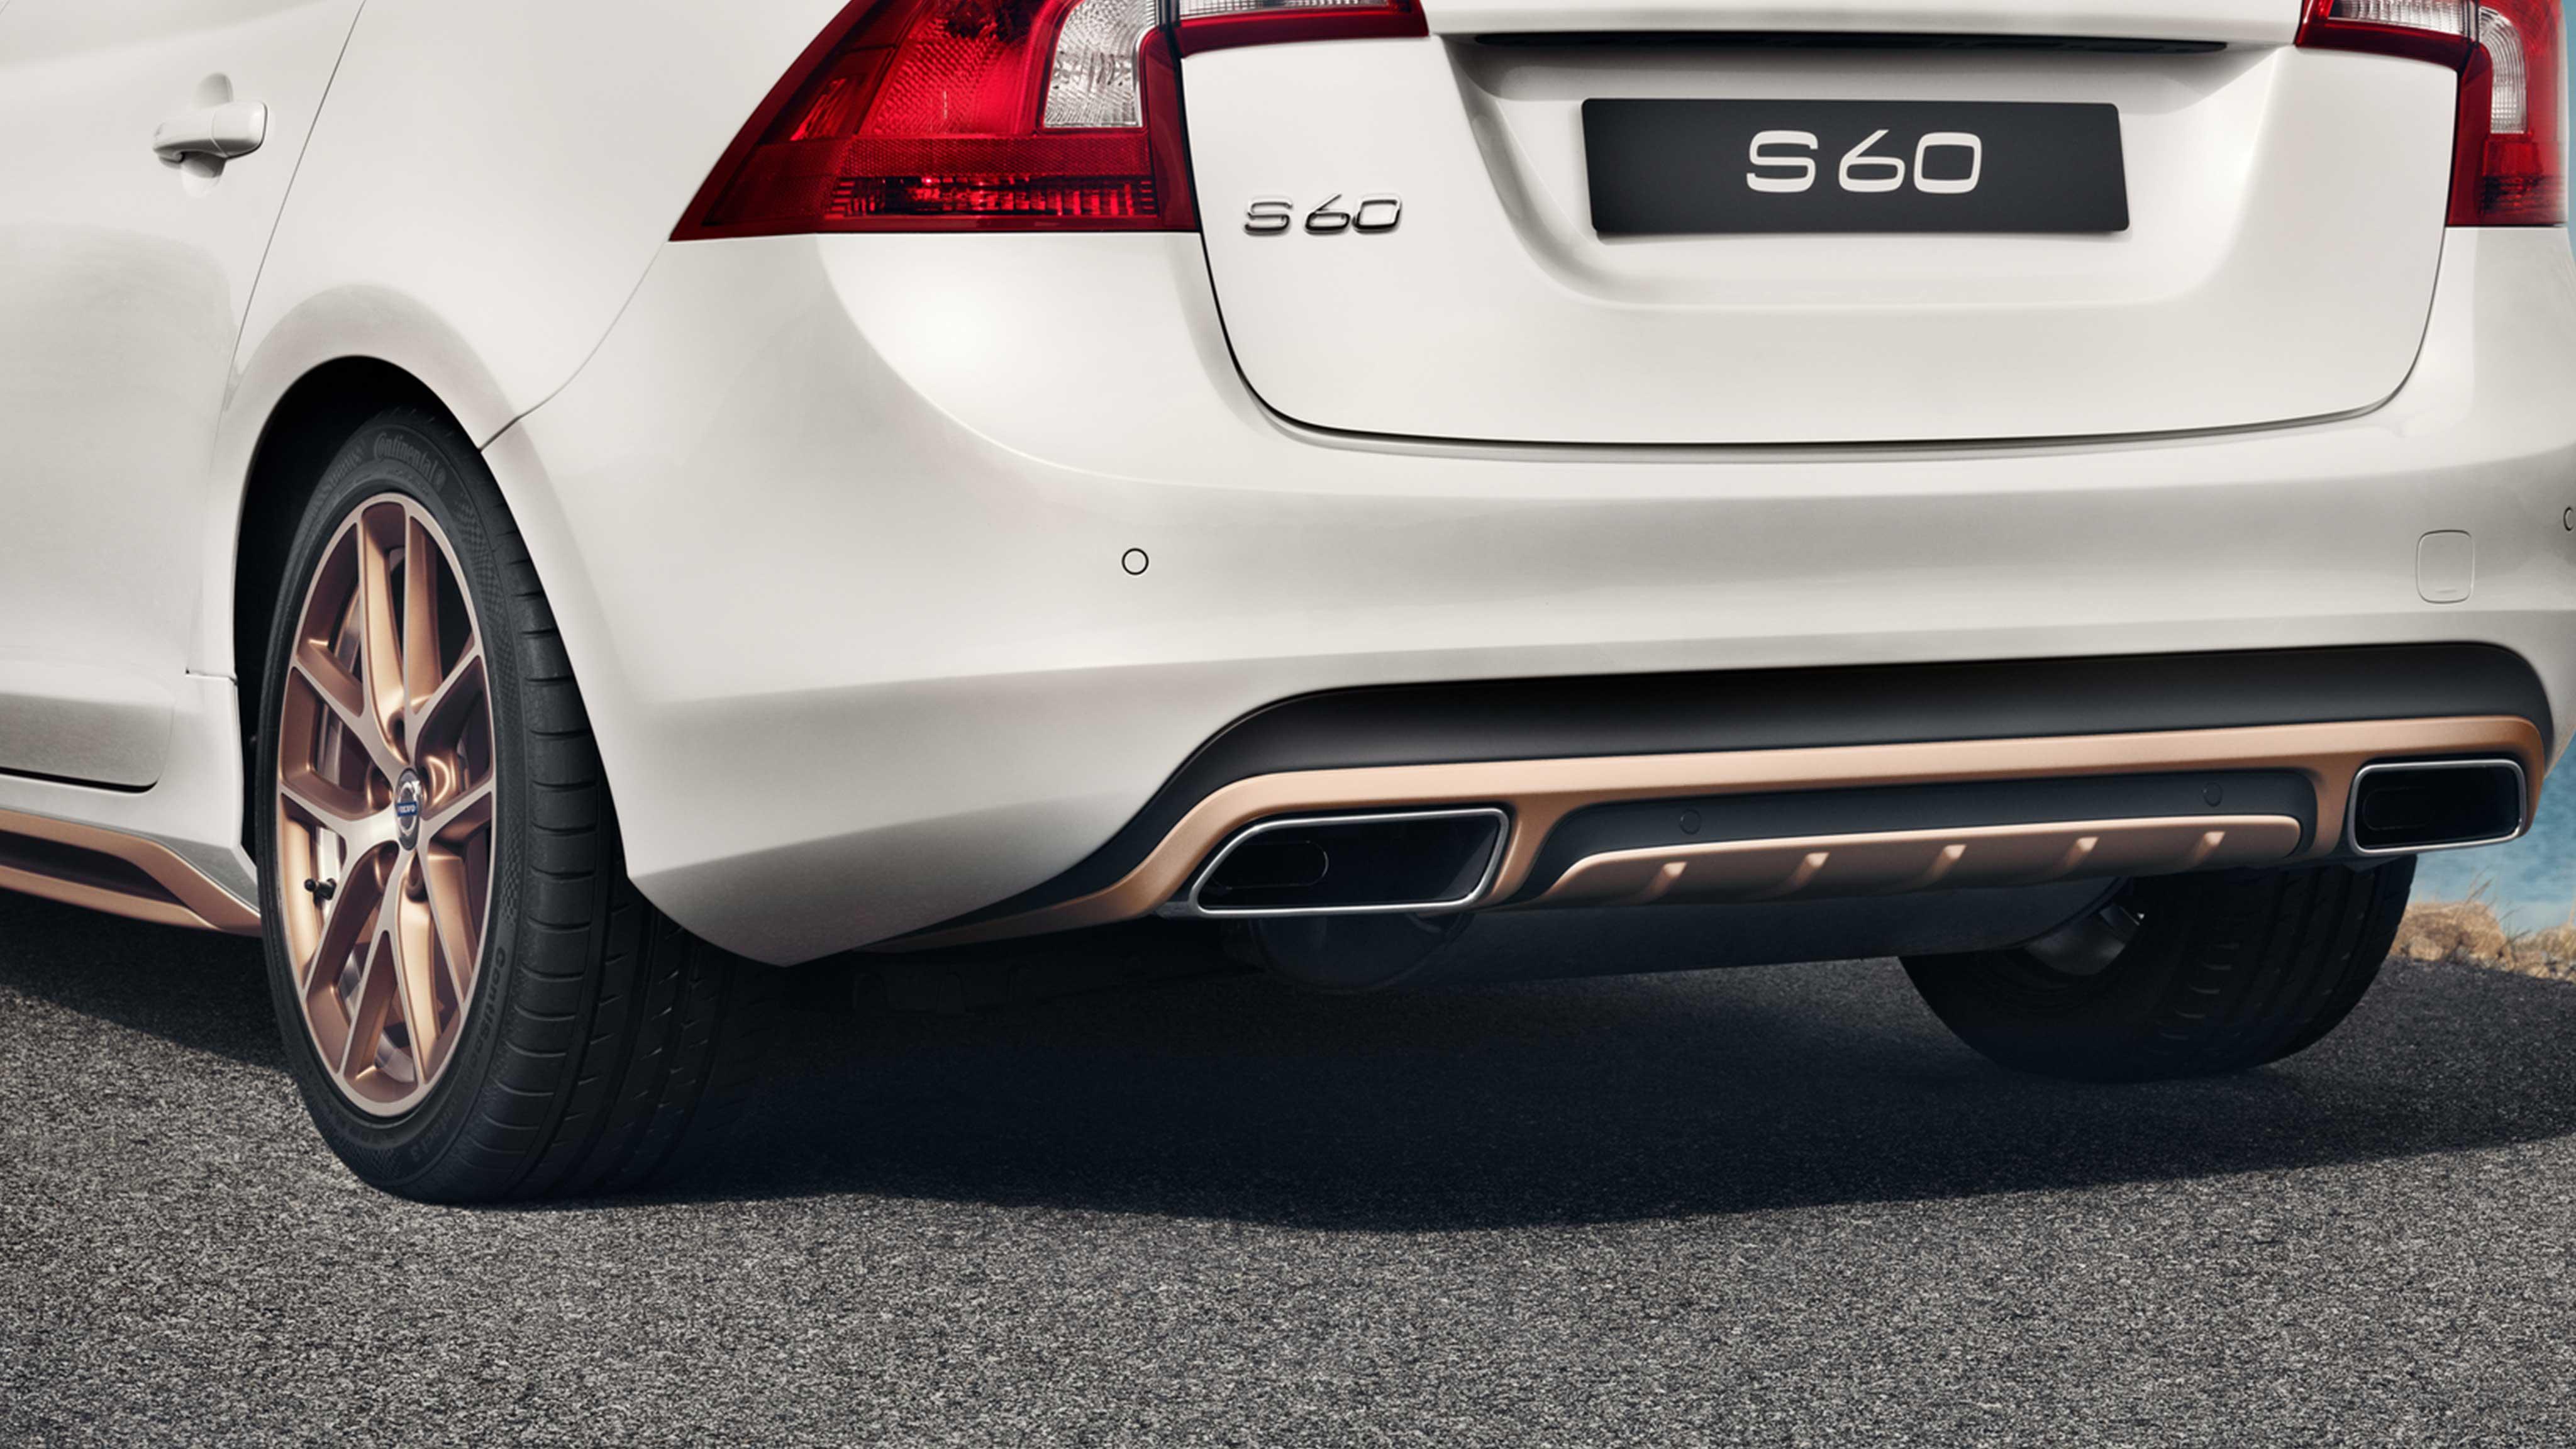 Descubre el Volvo S60